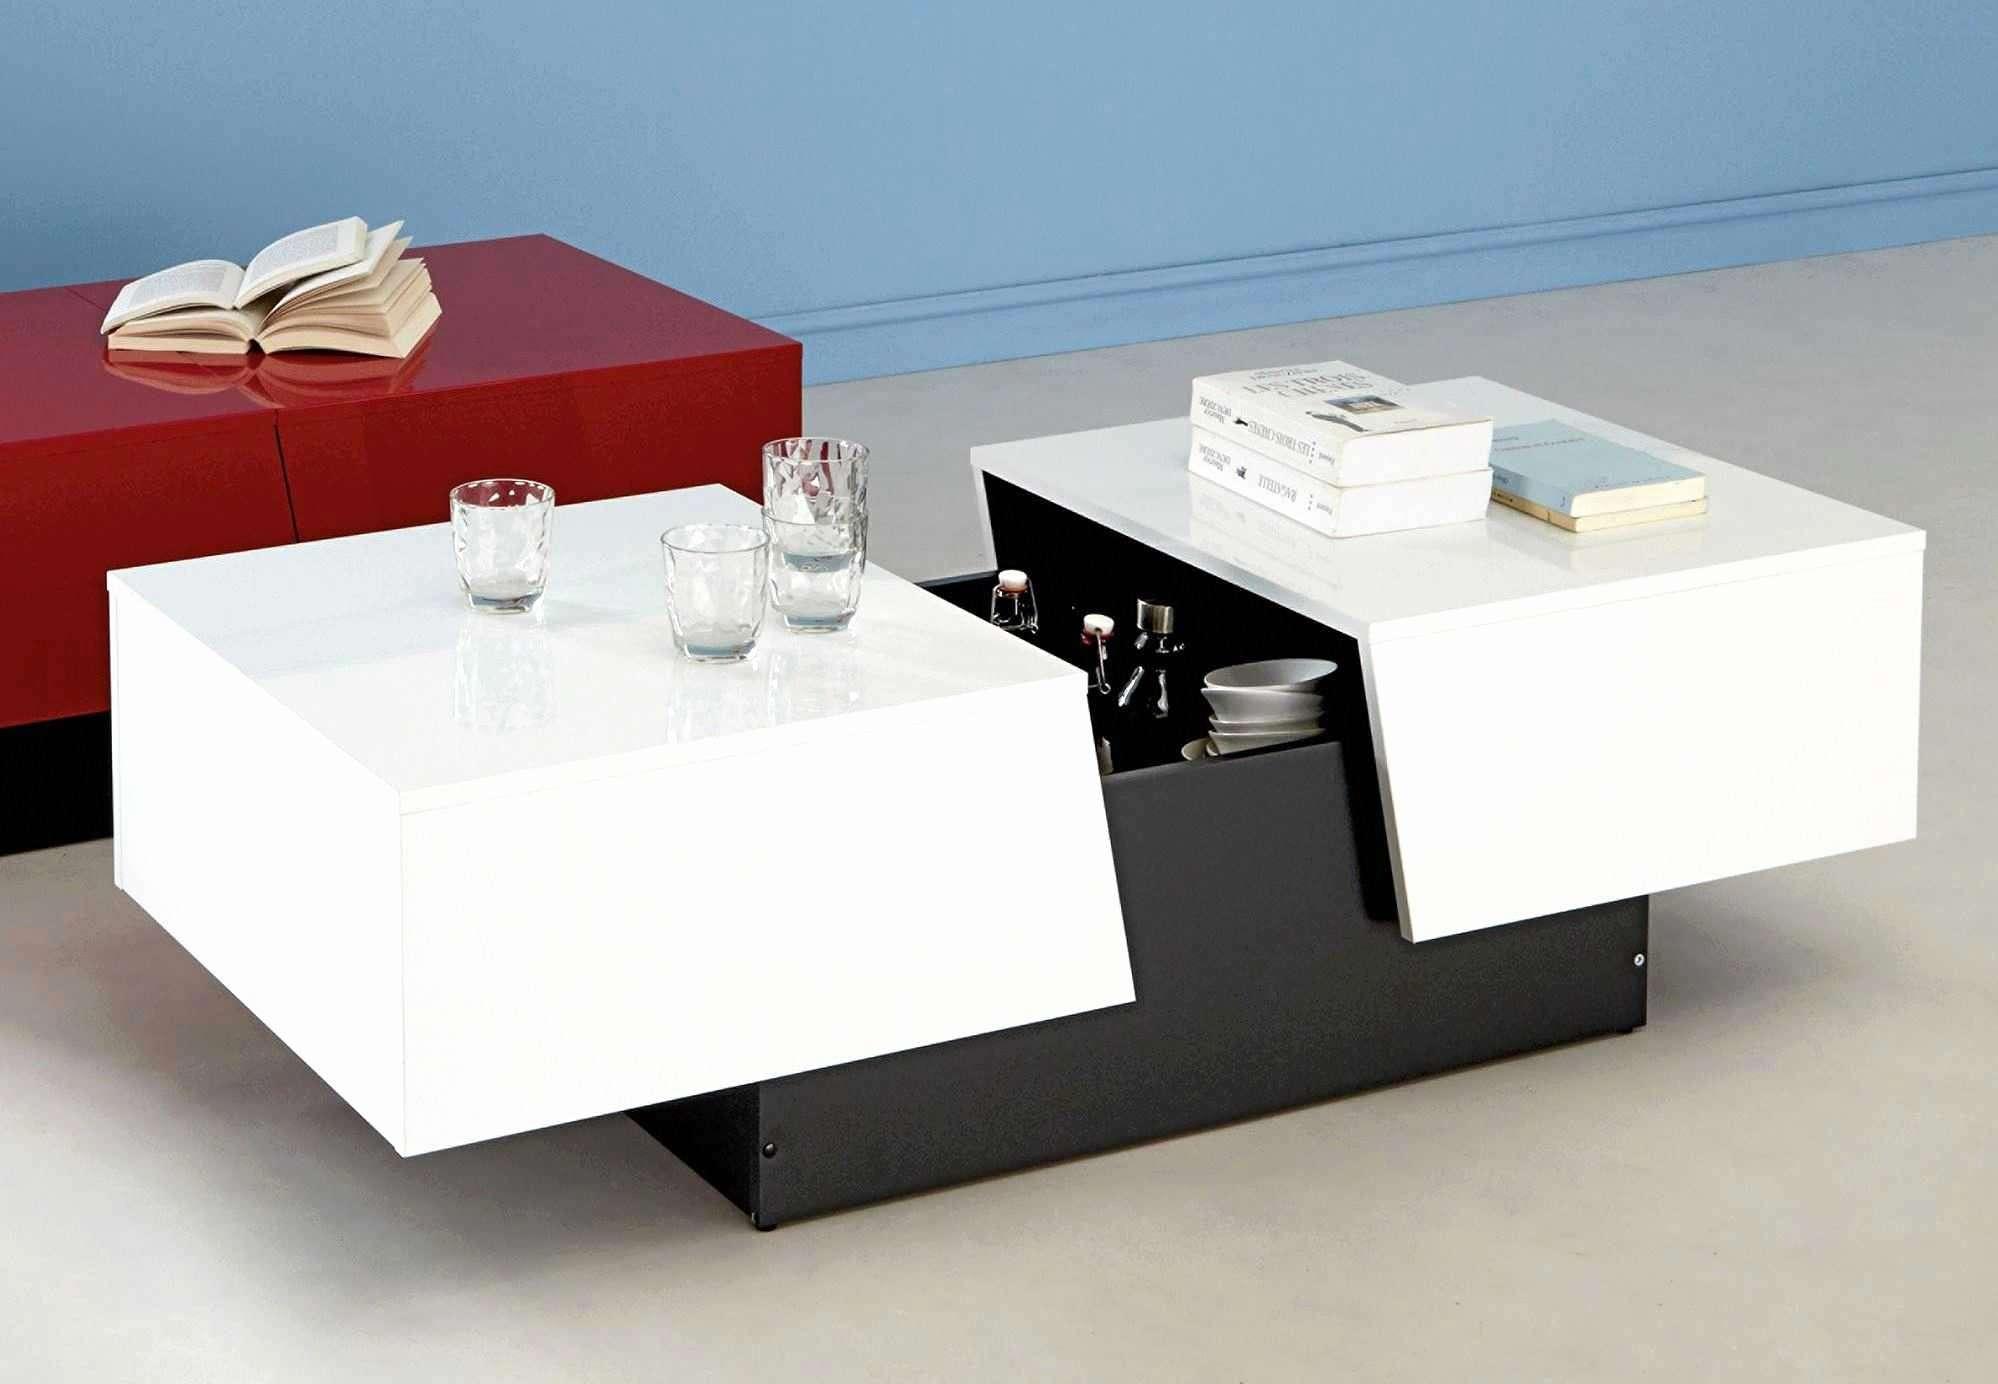 bureau verre trempe beautiful 80 meuble tv verre trempe noir of bureau verre trempe